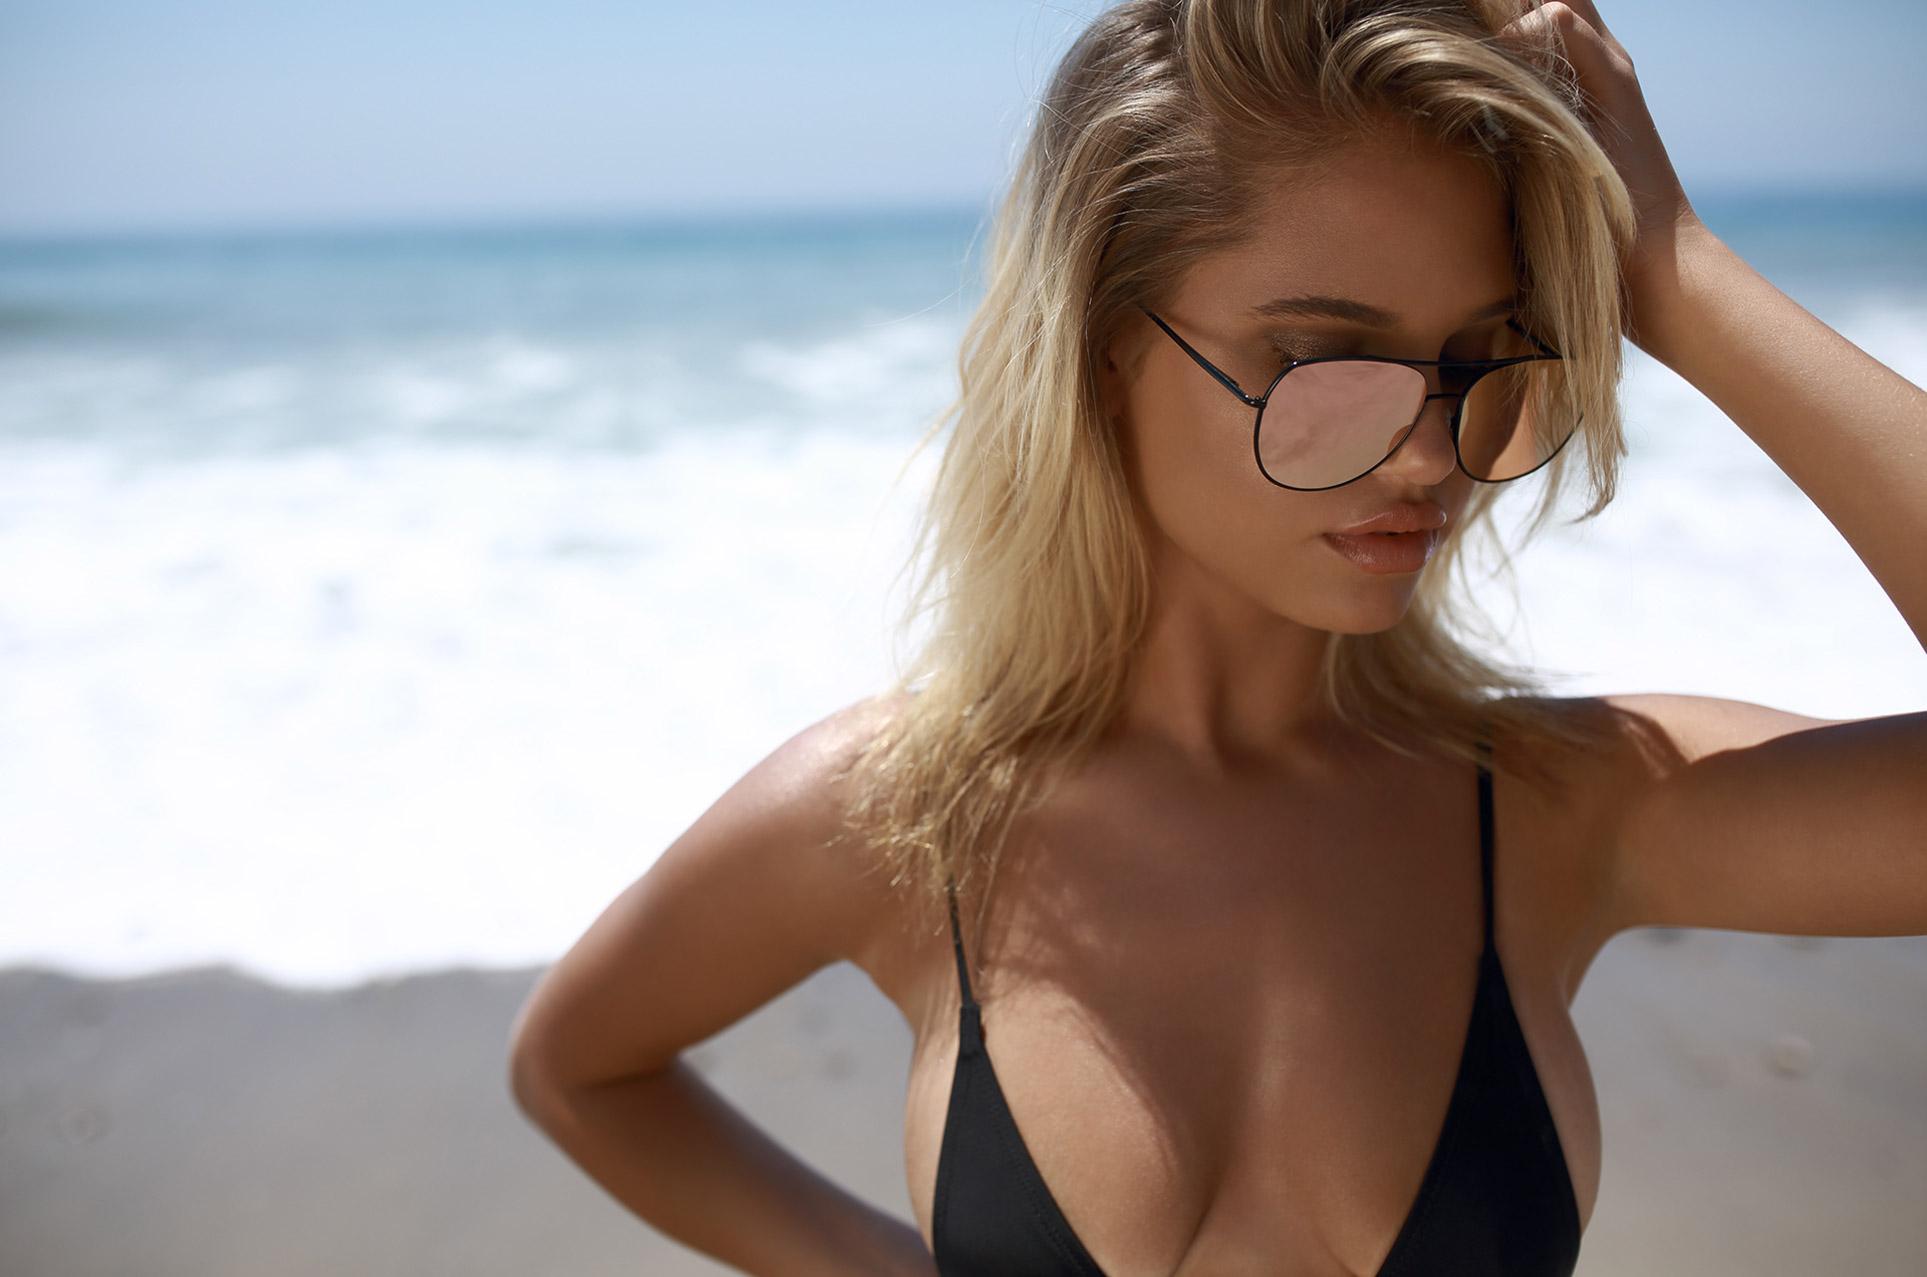 Quay Australia summer 2018 campaign by Sasha Samsonova